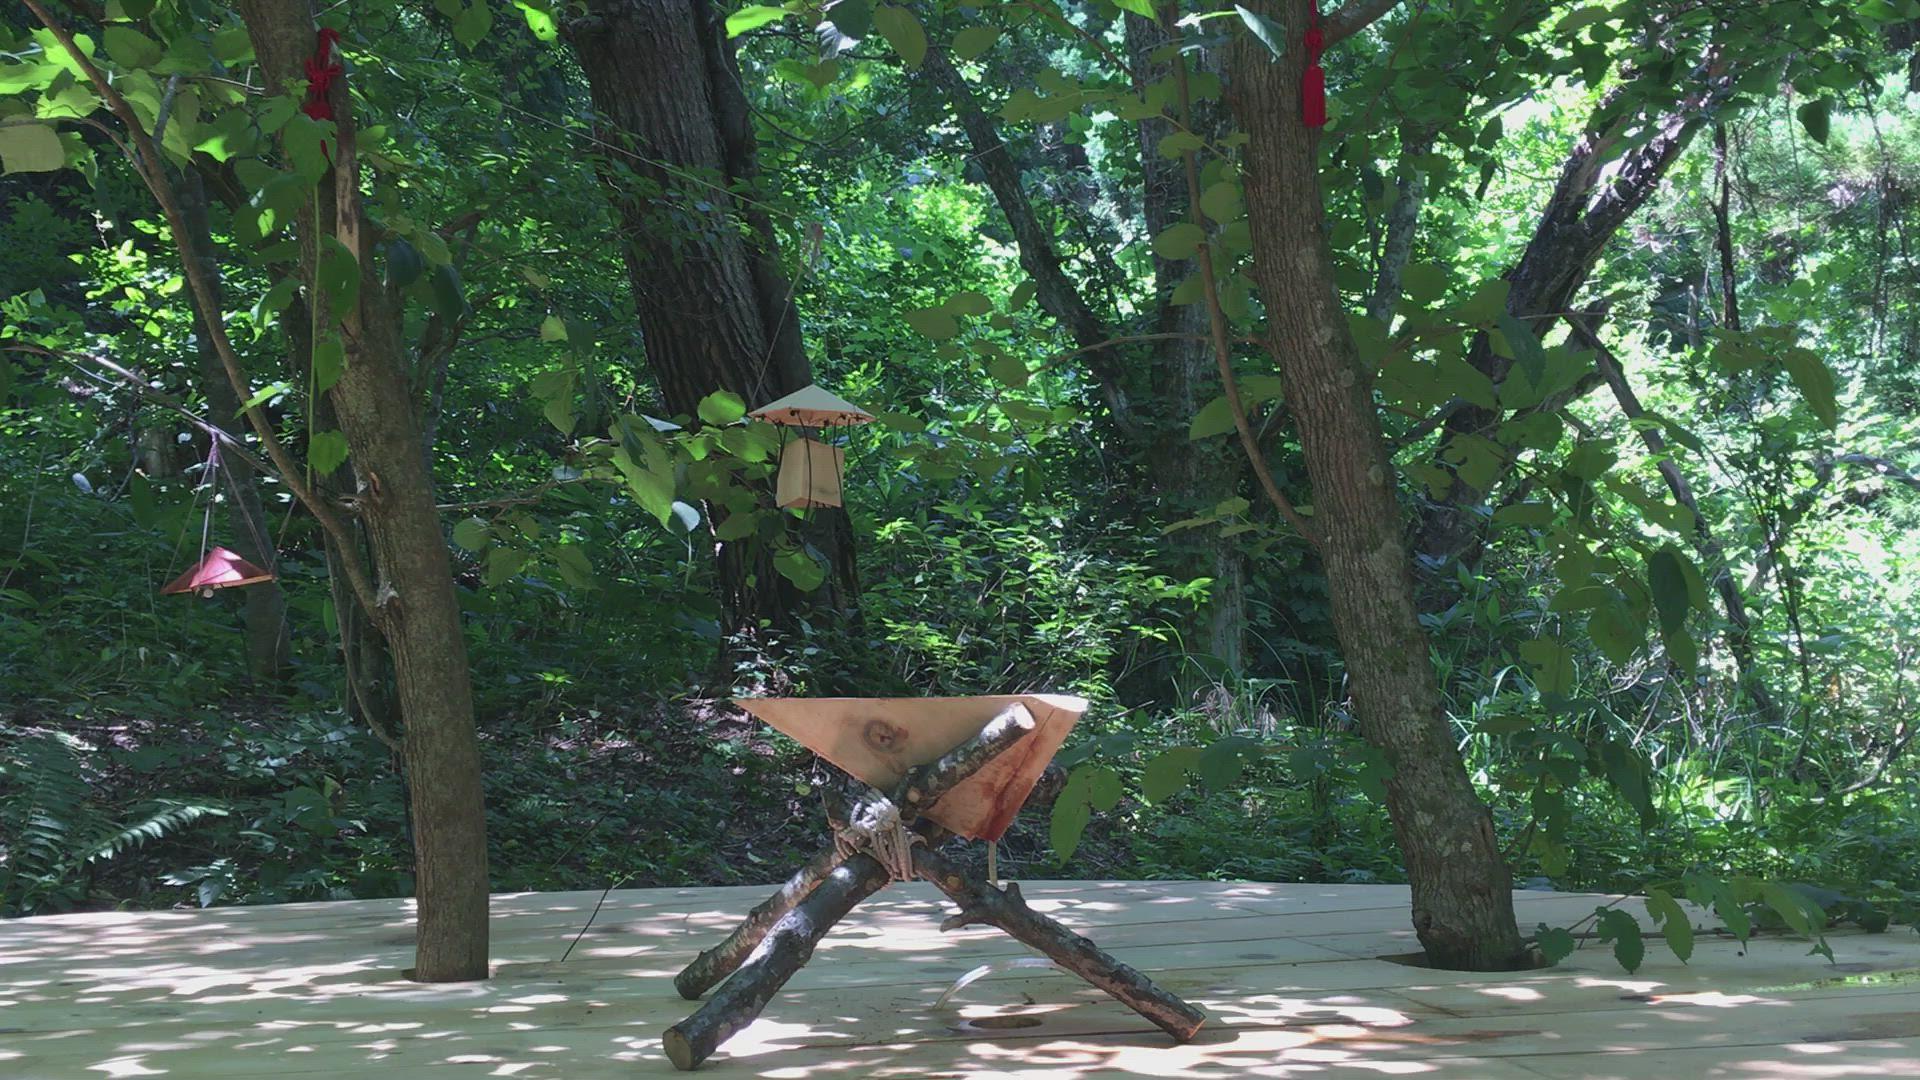 自然の監視、自然の生成 Natural Observation, Formation of nature